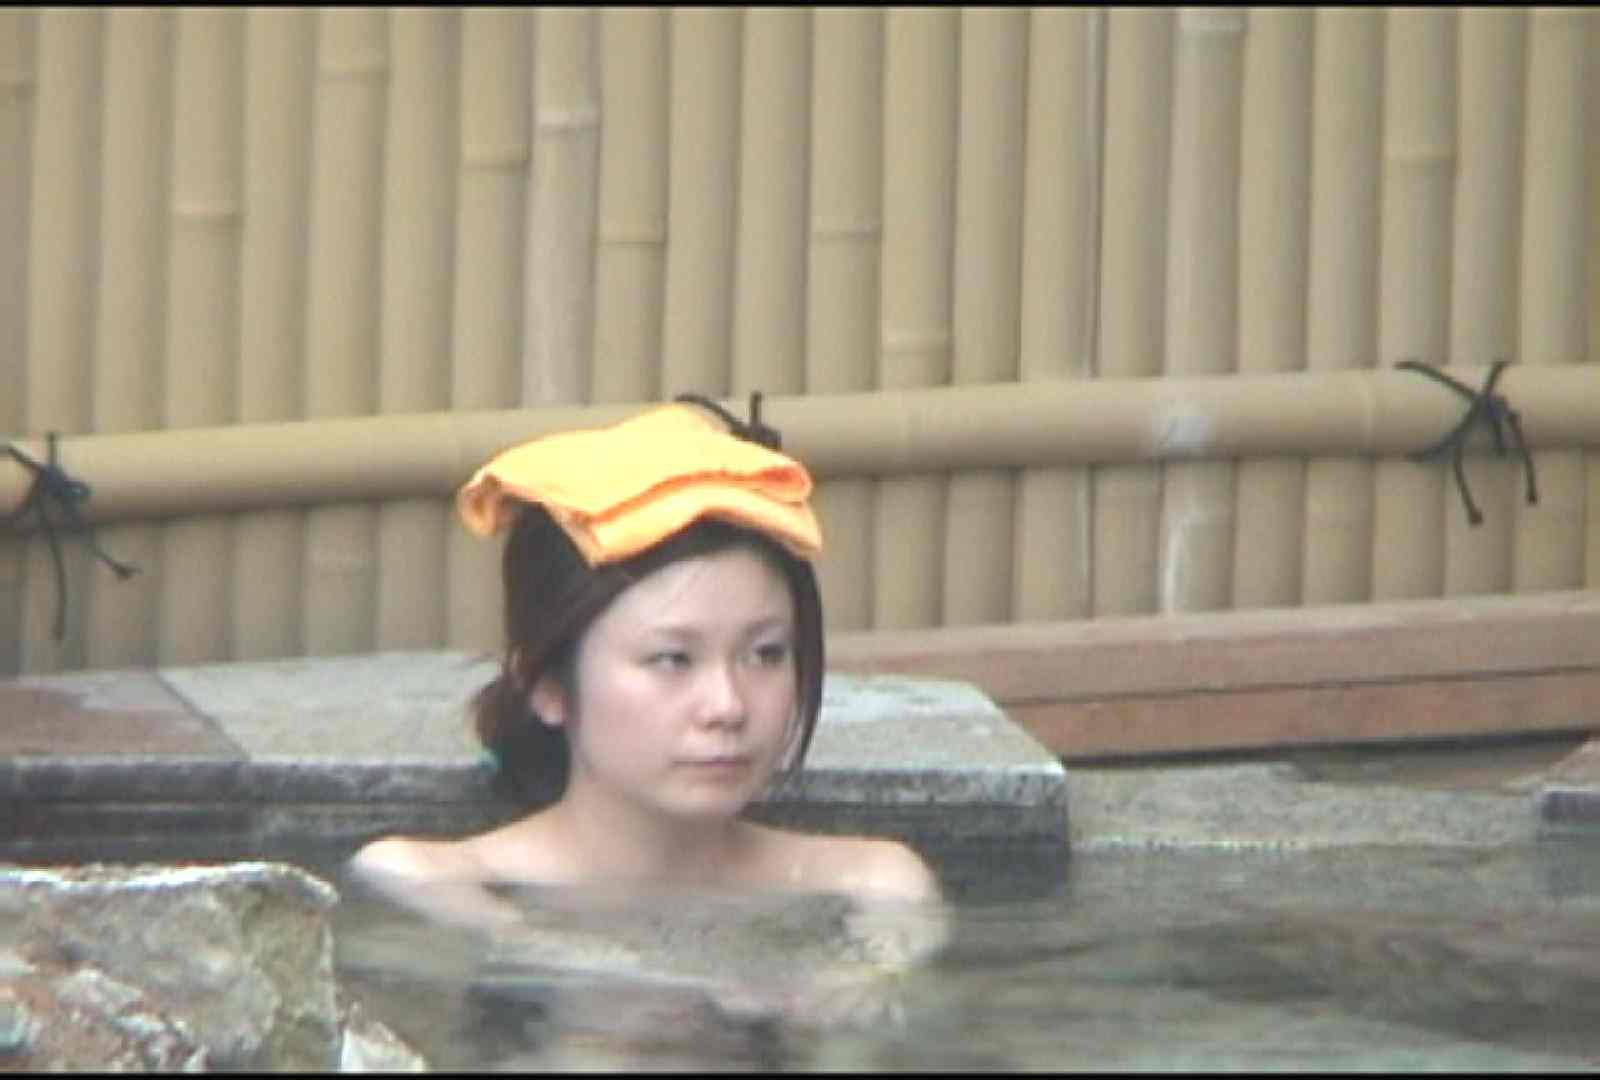 Aquaな露天風呂Vol.177 盗撮師作品 | 美しいOLの裸体  102pic 4